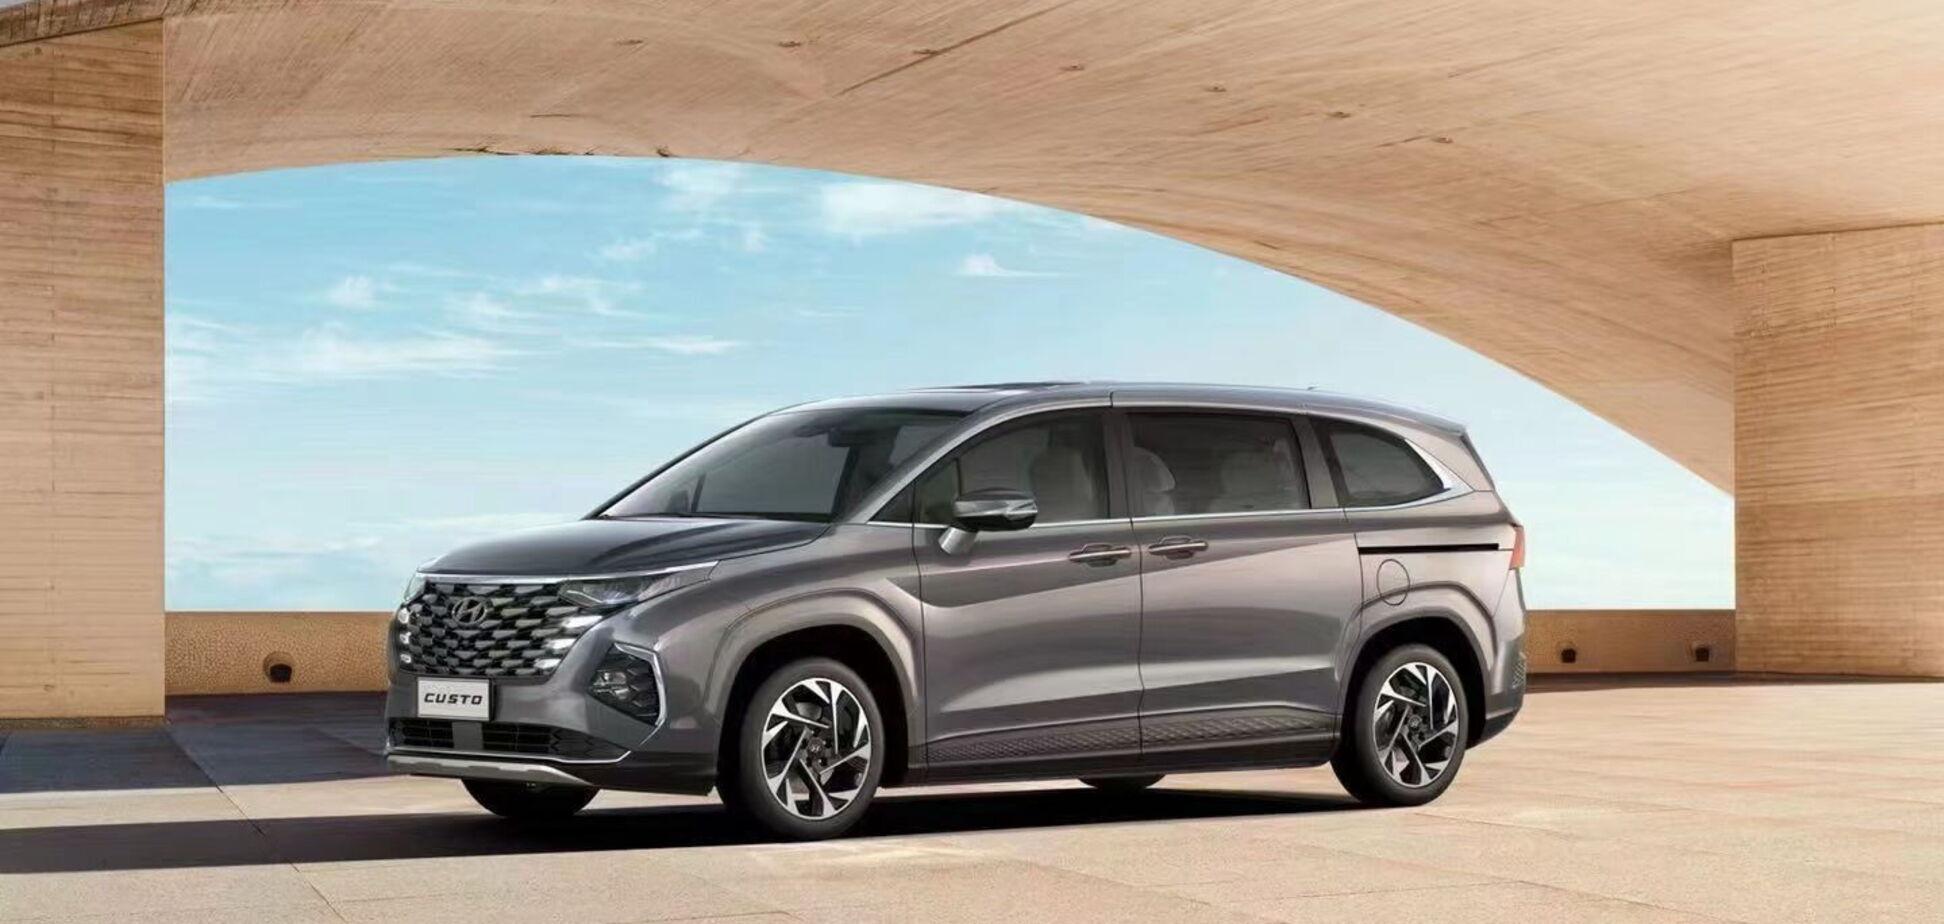 Hyundai презентовал новый минивен Custo